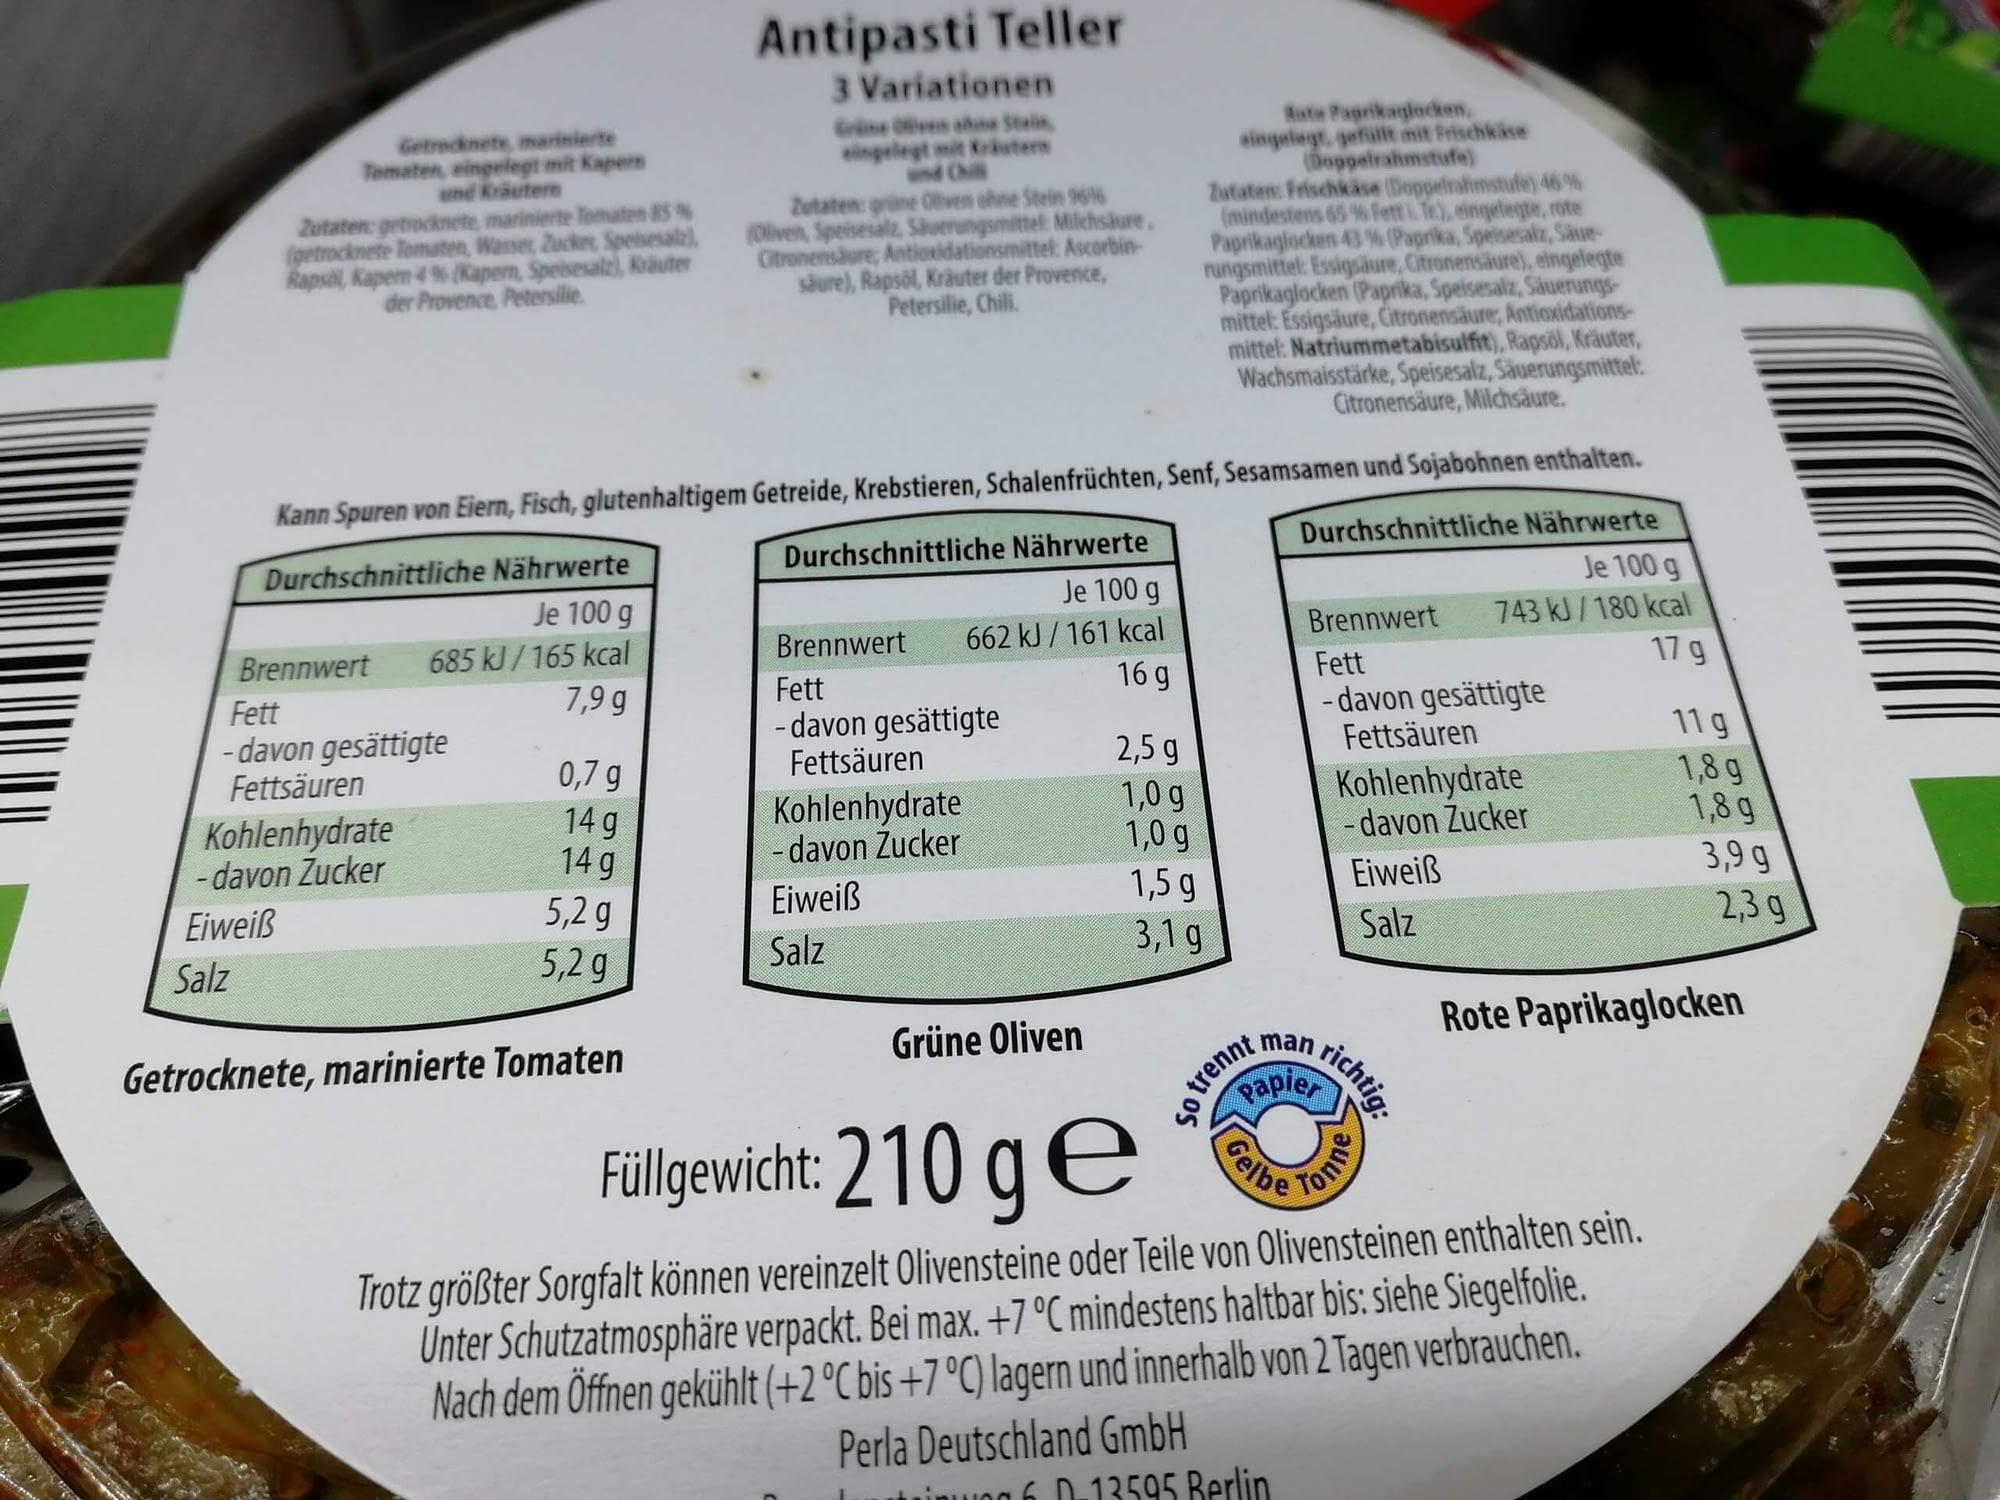 Keto-Snack-Aldi-Antipasti-Teller-Nährwerte